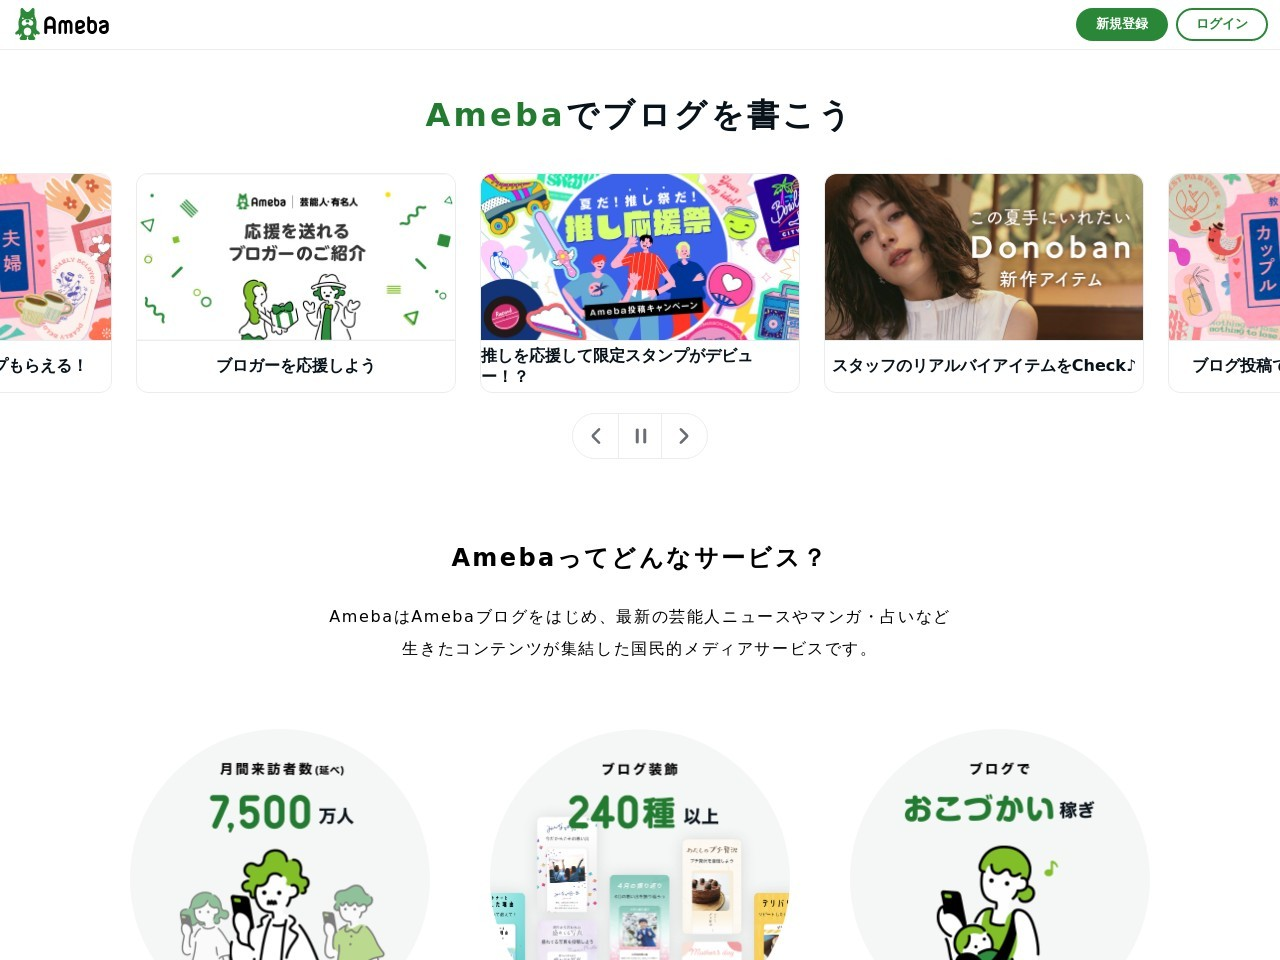 岡本達也のブログ